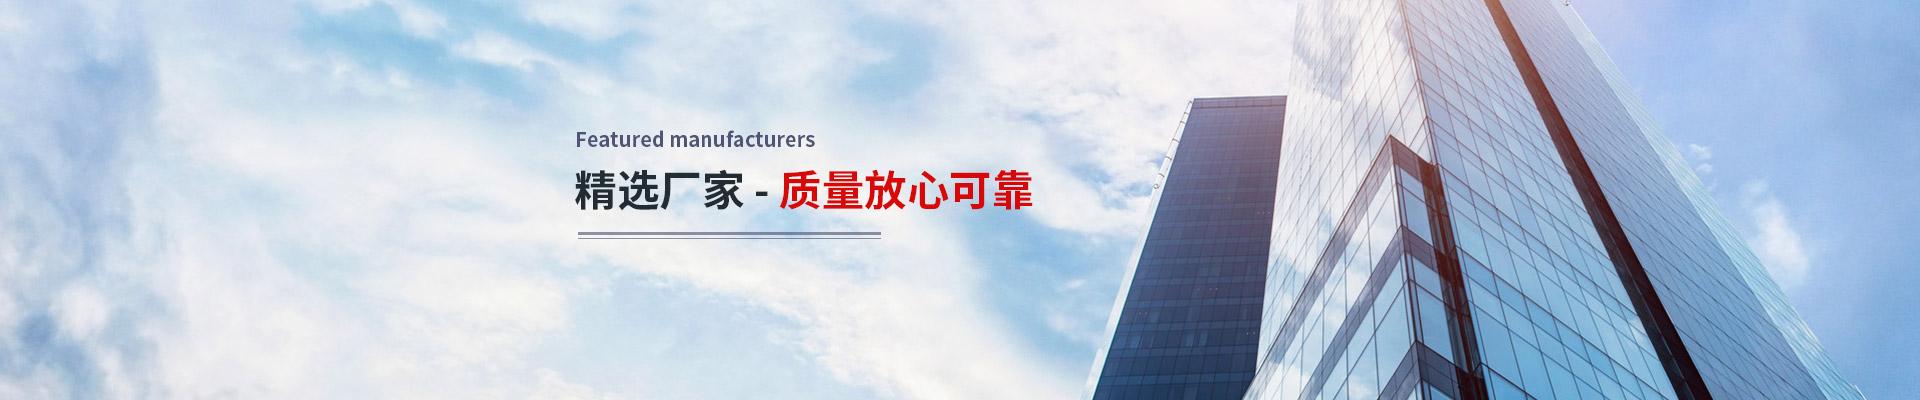 寶山區大數據自學考試助學市價「上海德明進修學院」